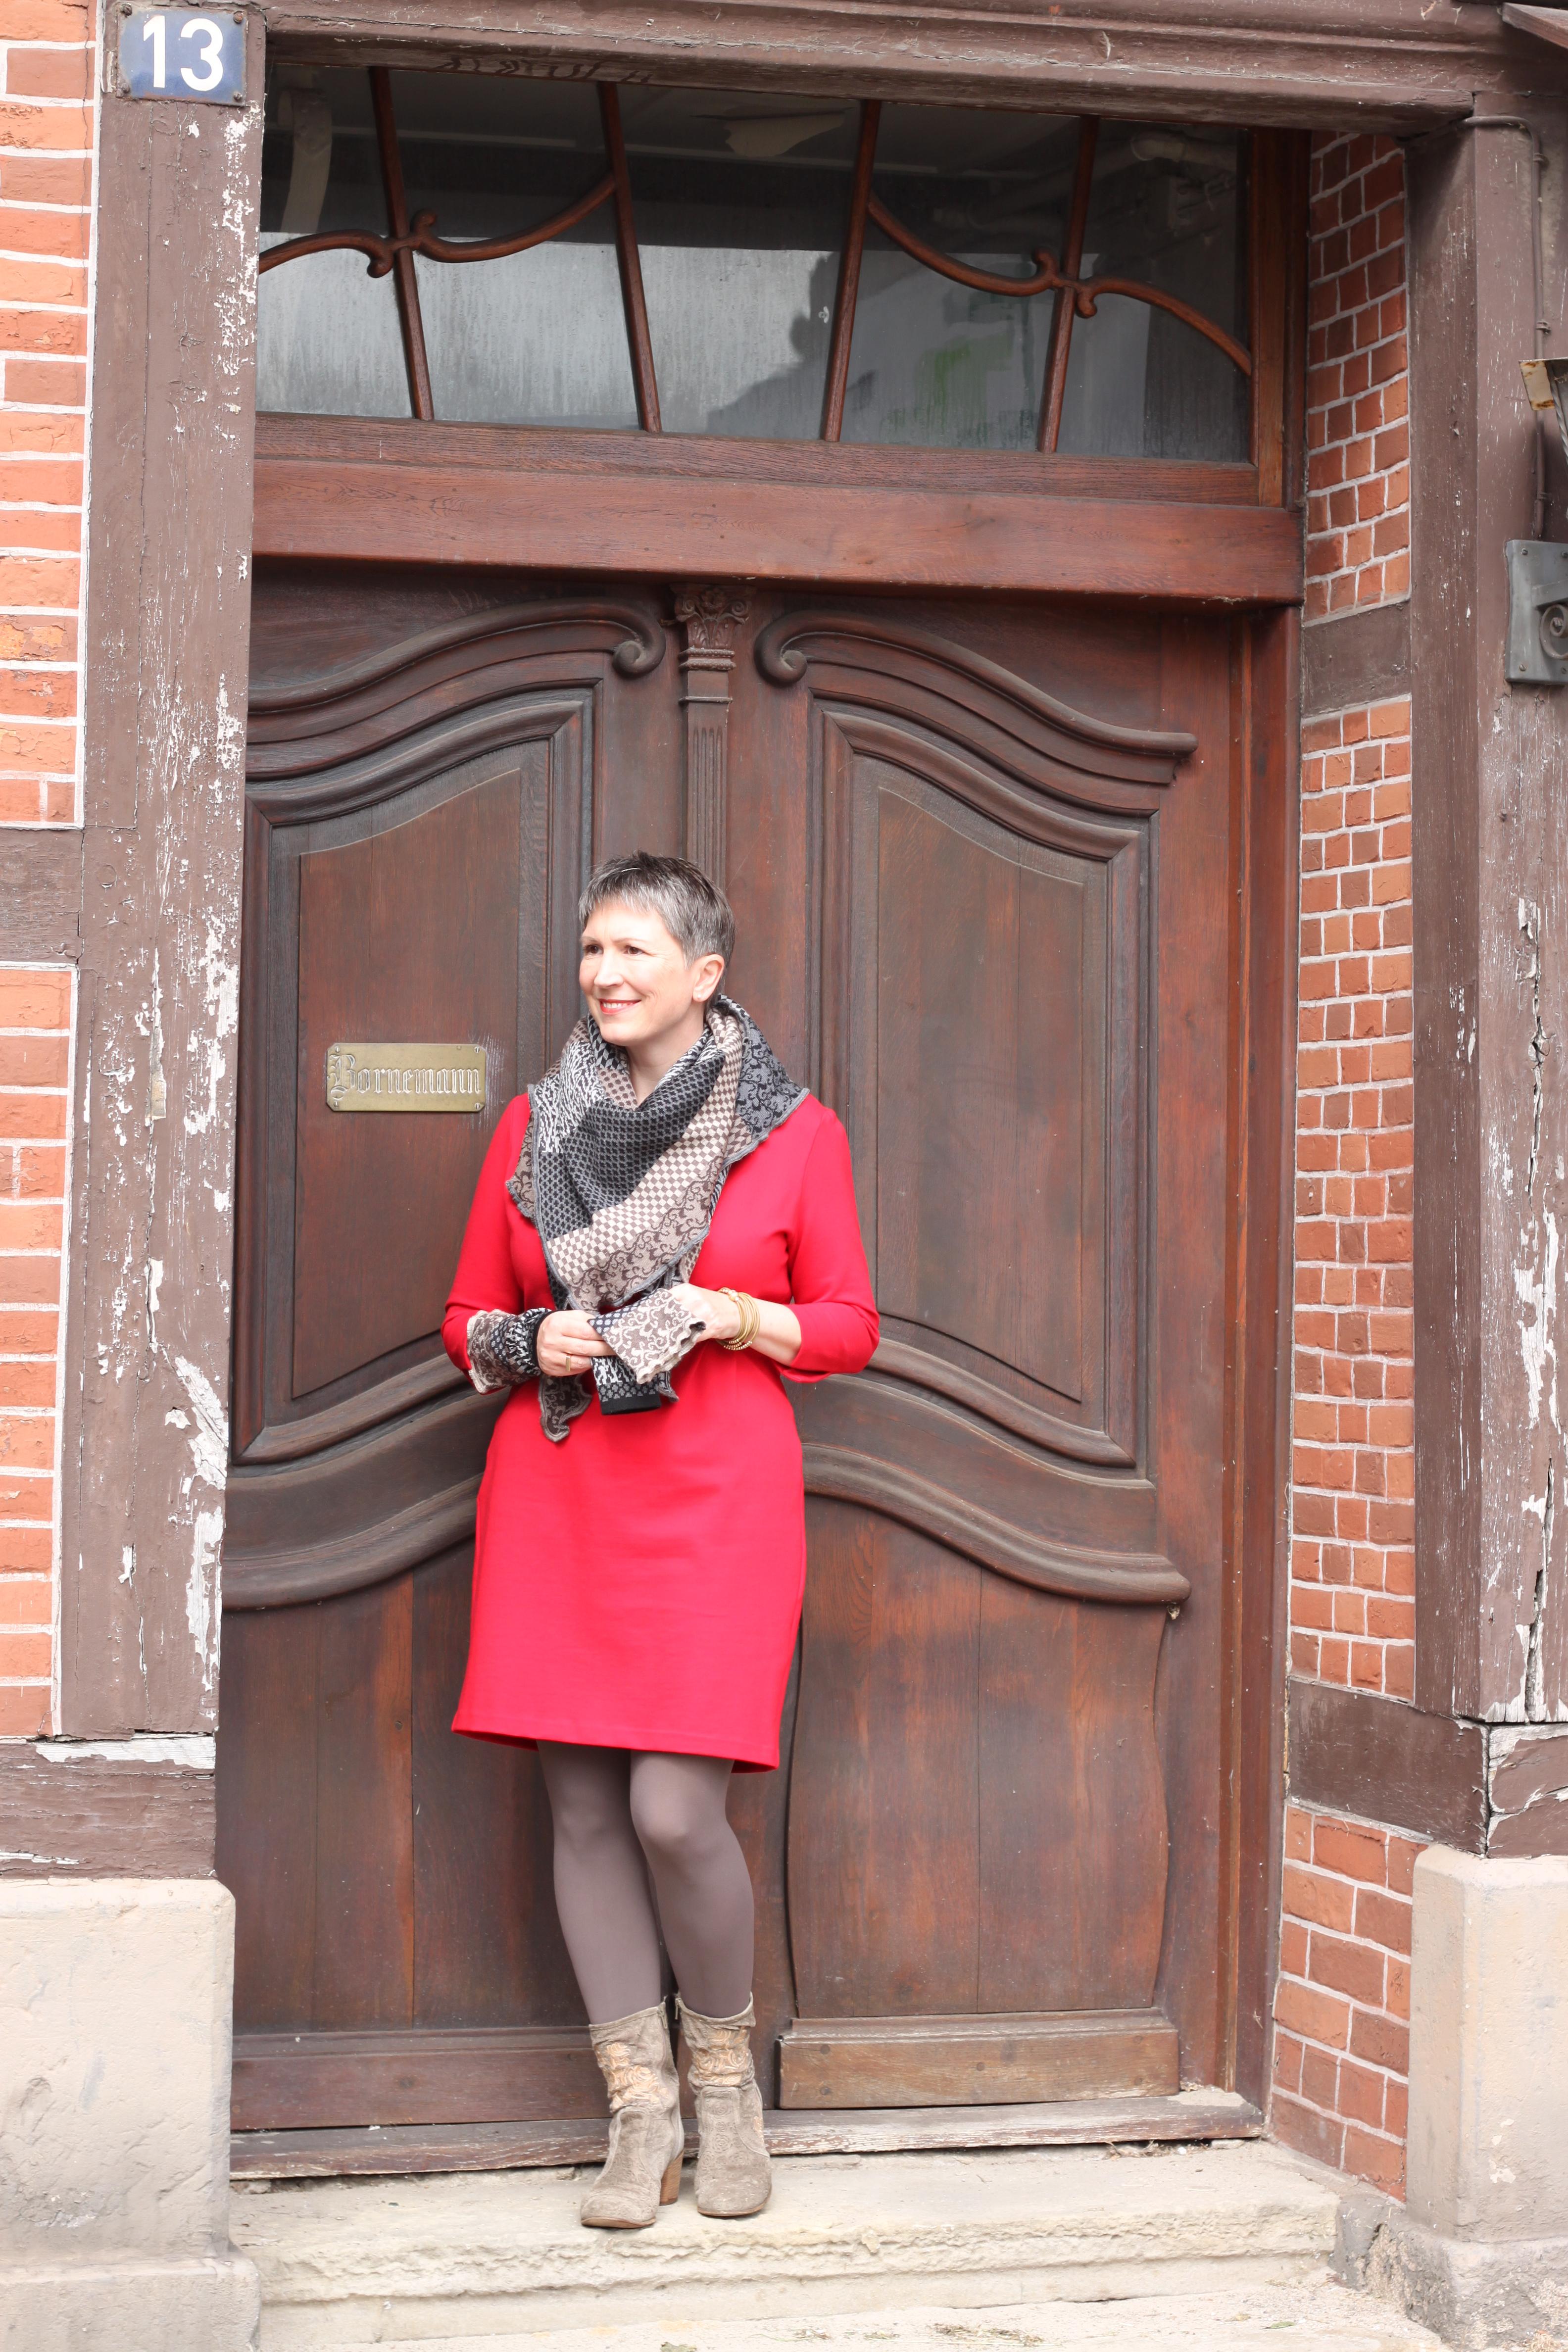 """Ines Meyrose - Outfit ü40 Blogger - Variationen zum Binden eines Dreieckstuchs mit invero Dreieckstuch """"Joy"""" und Stulpen """"Coco"""" Mustermix """"Herbst""""- rotes Kleid aus Pontéjersey mit 3/4-Ärmeln Lands`End - Leggings nur die - Stiefel - Paul Barrit - Armband Sence Copenhagen"""